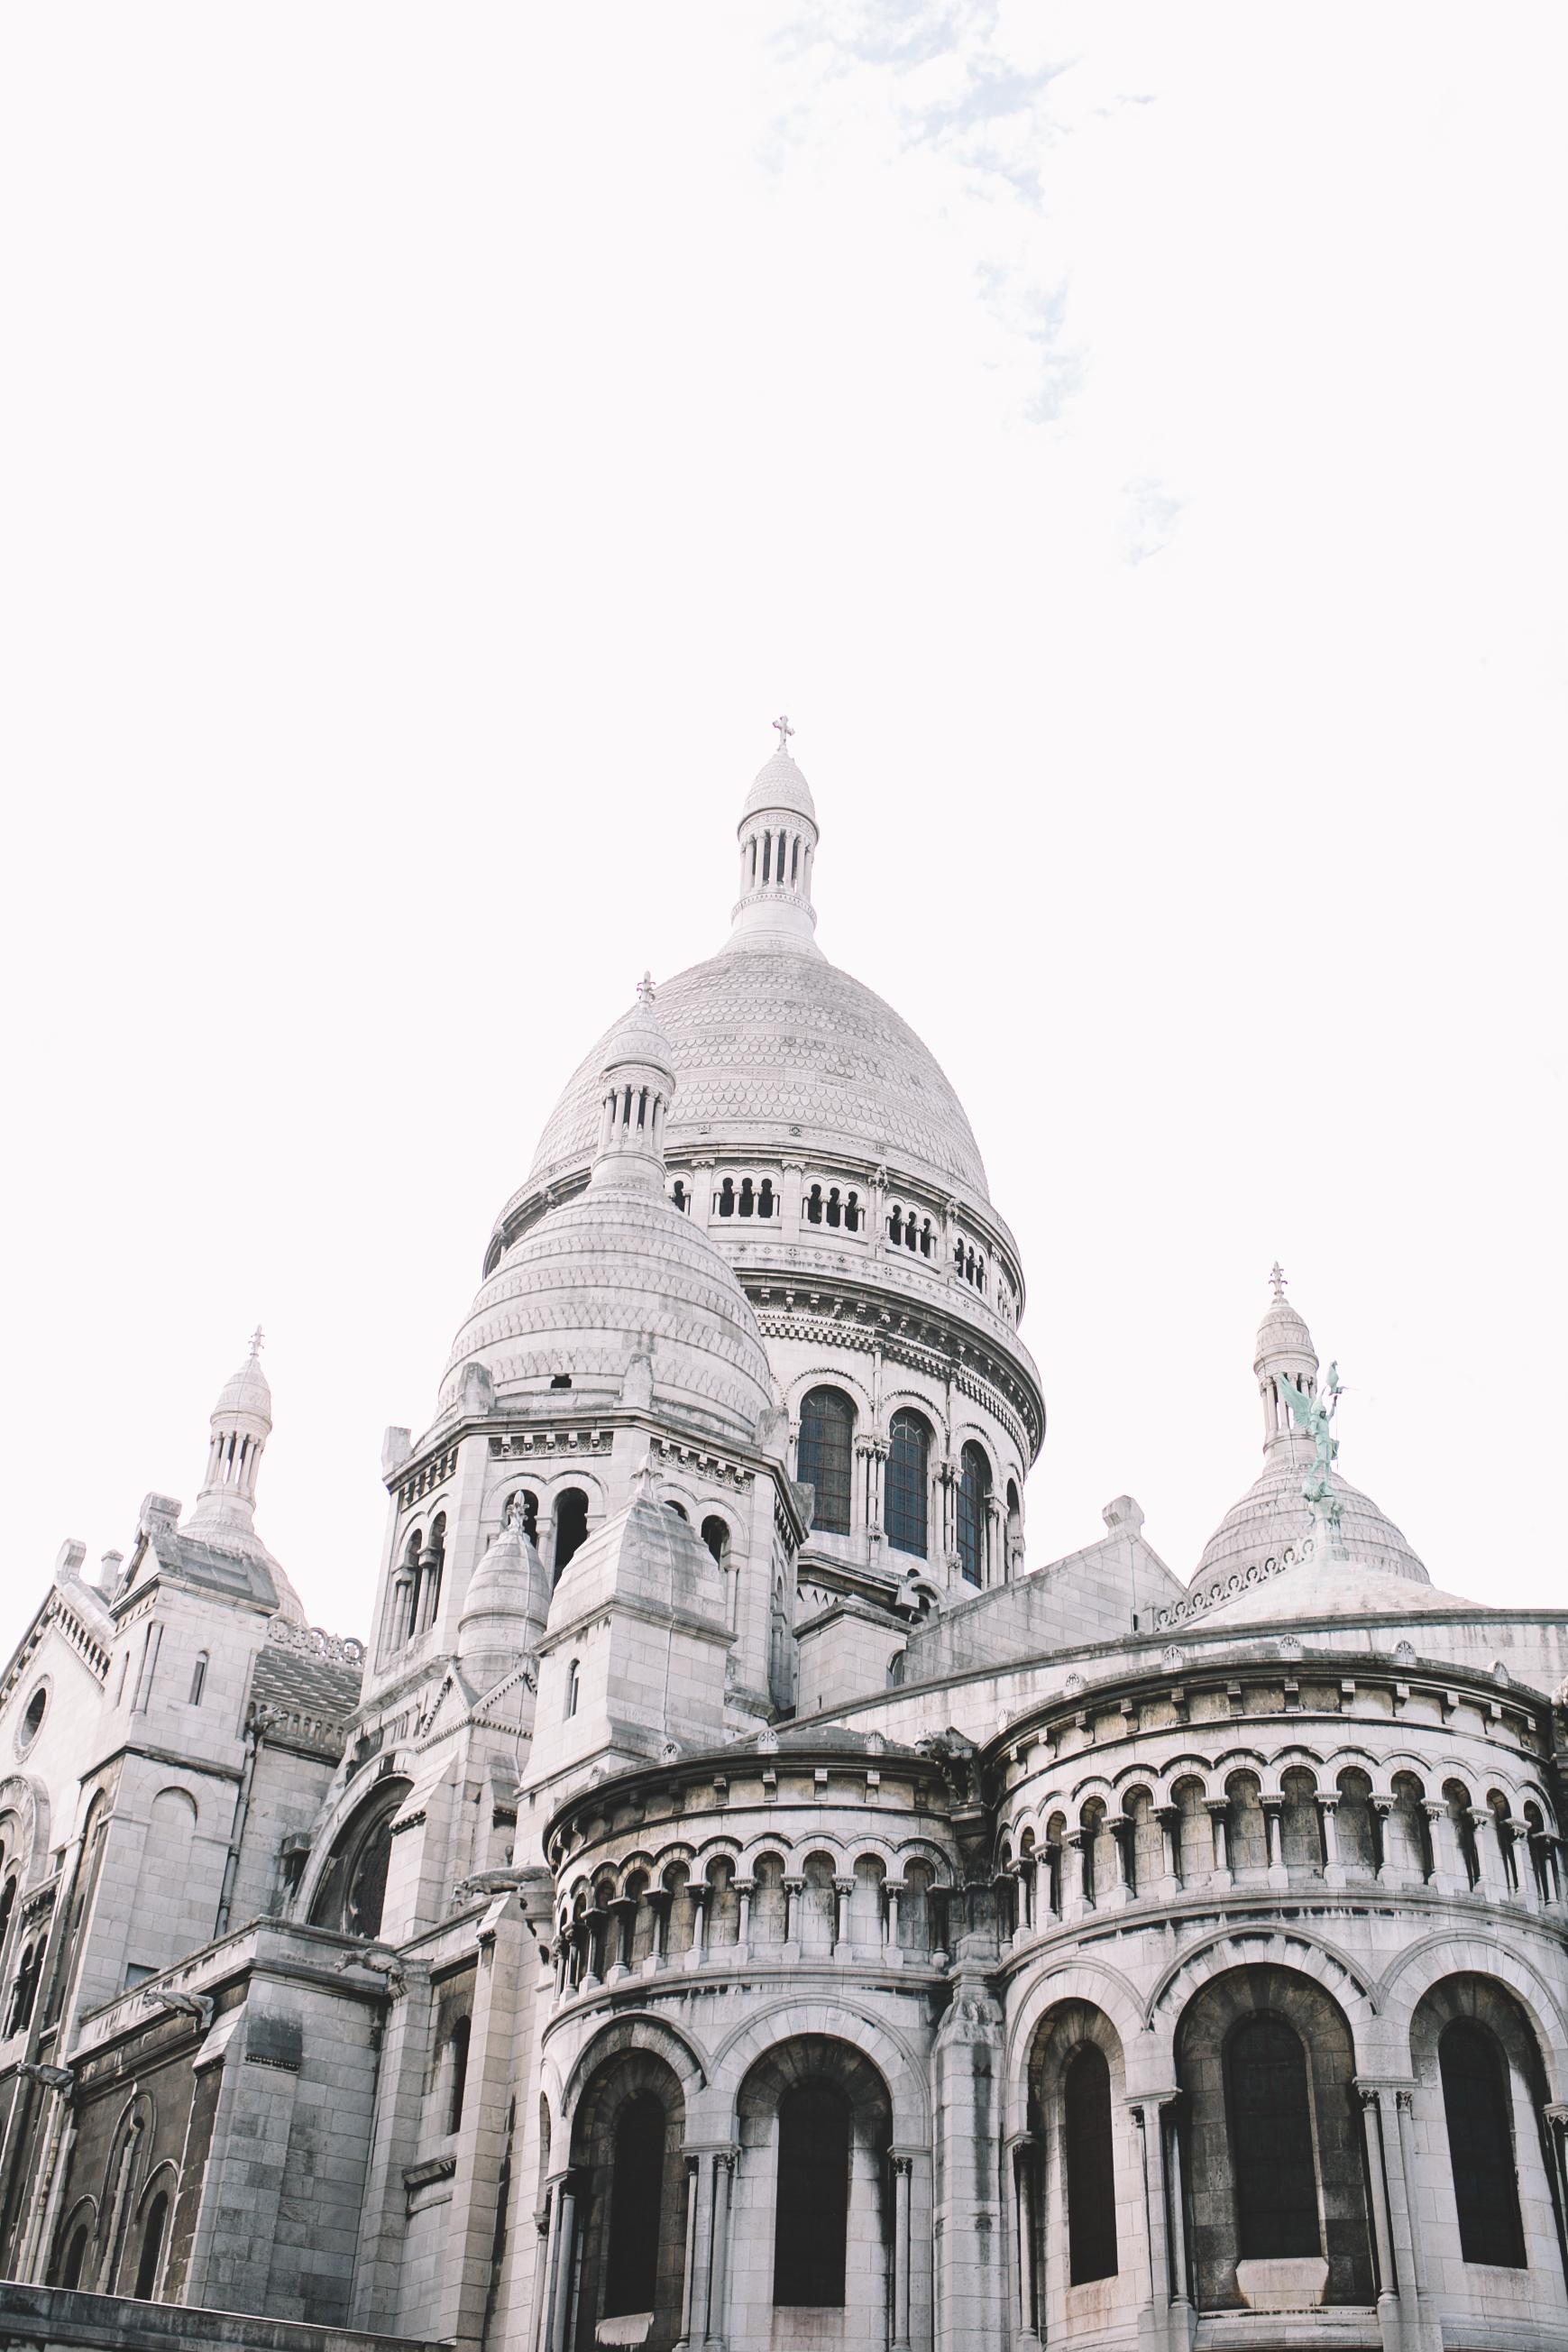 Montmartre La Maison Rose, Sacre-Coeur (16 of 52).jpg